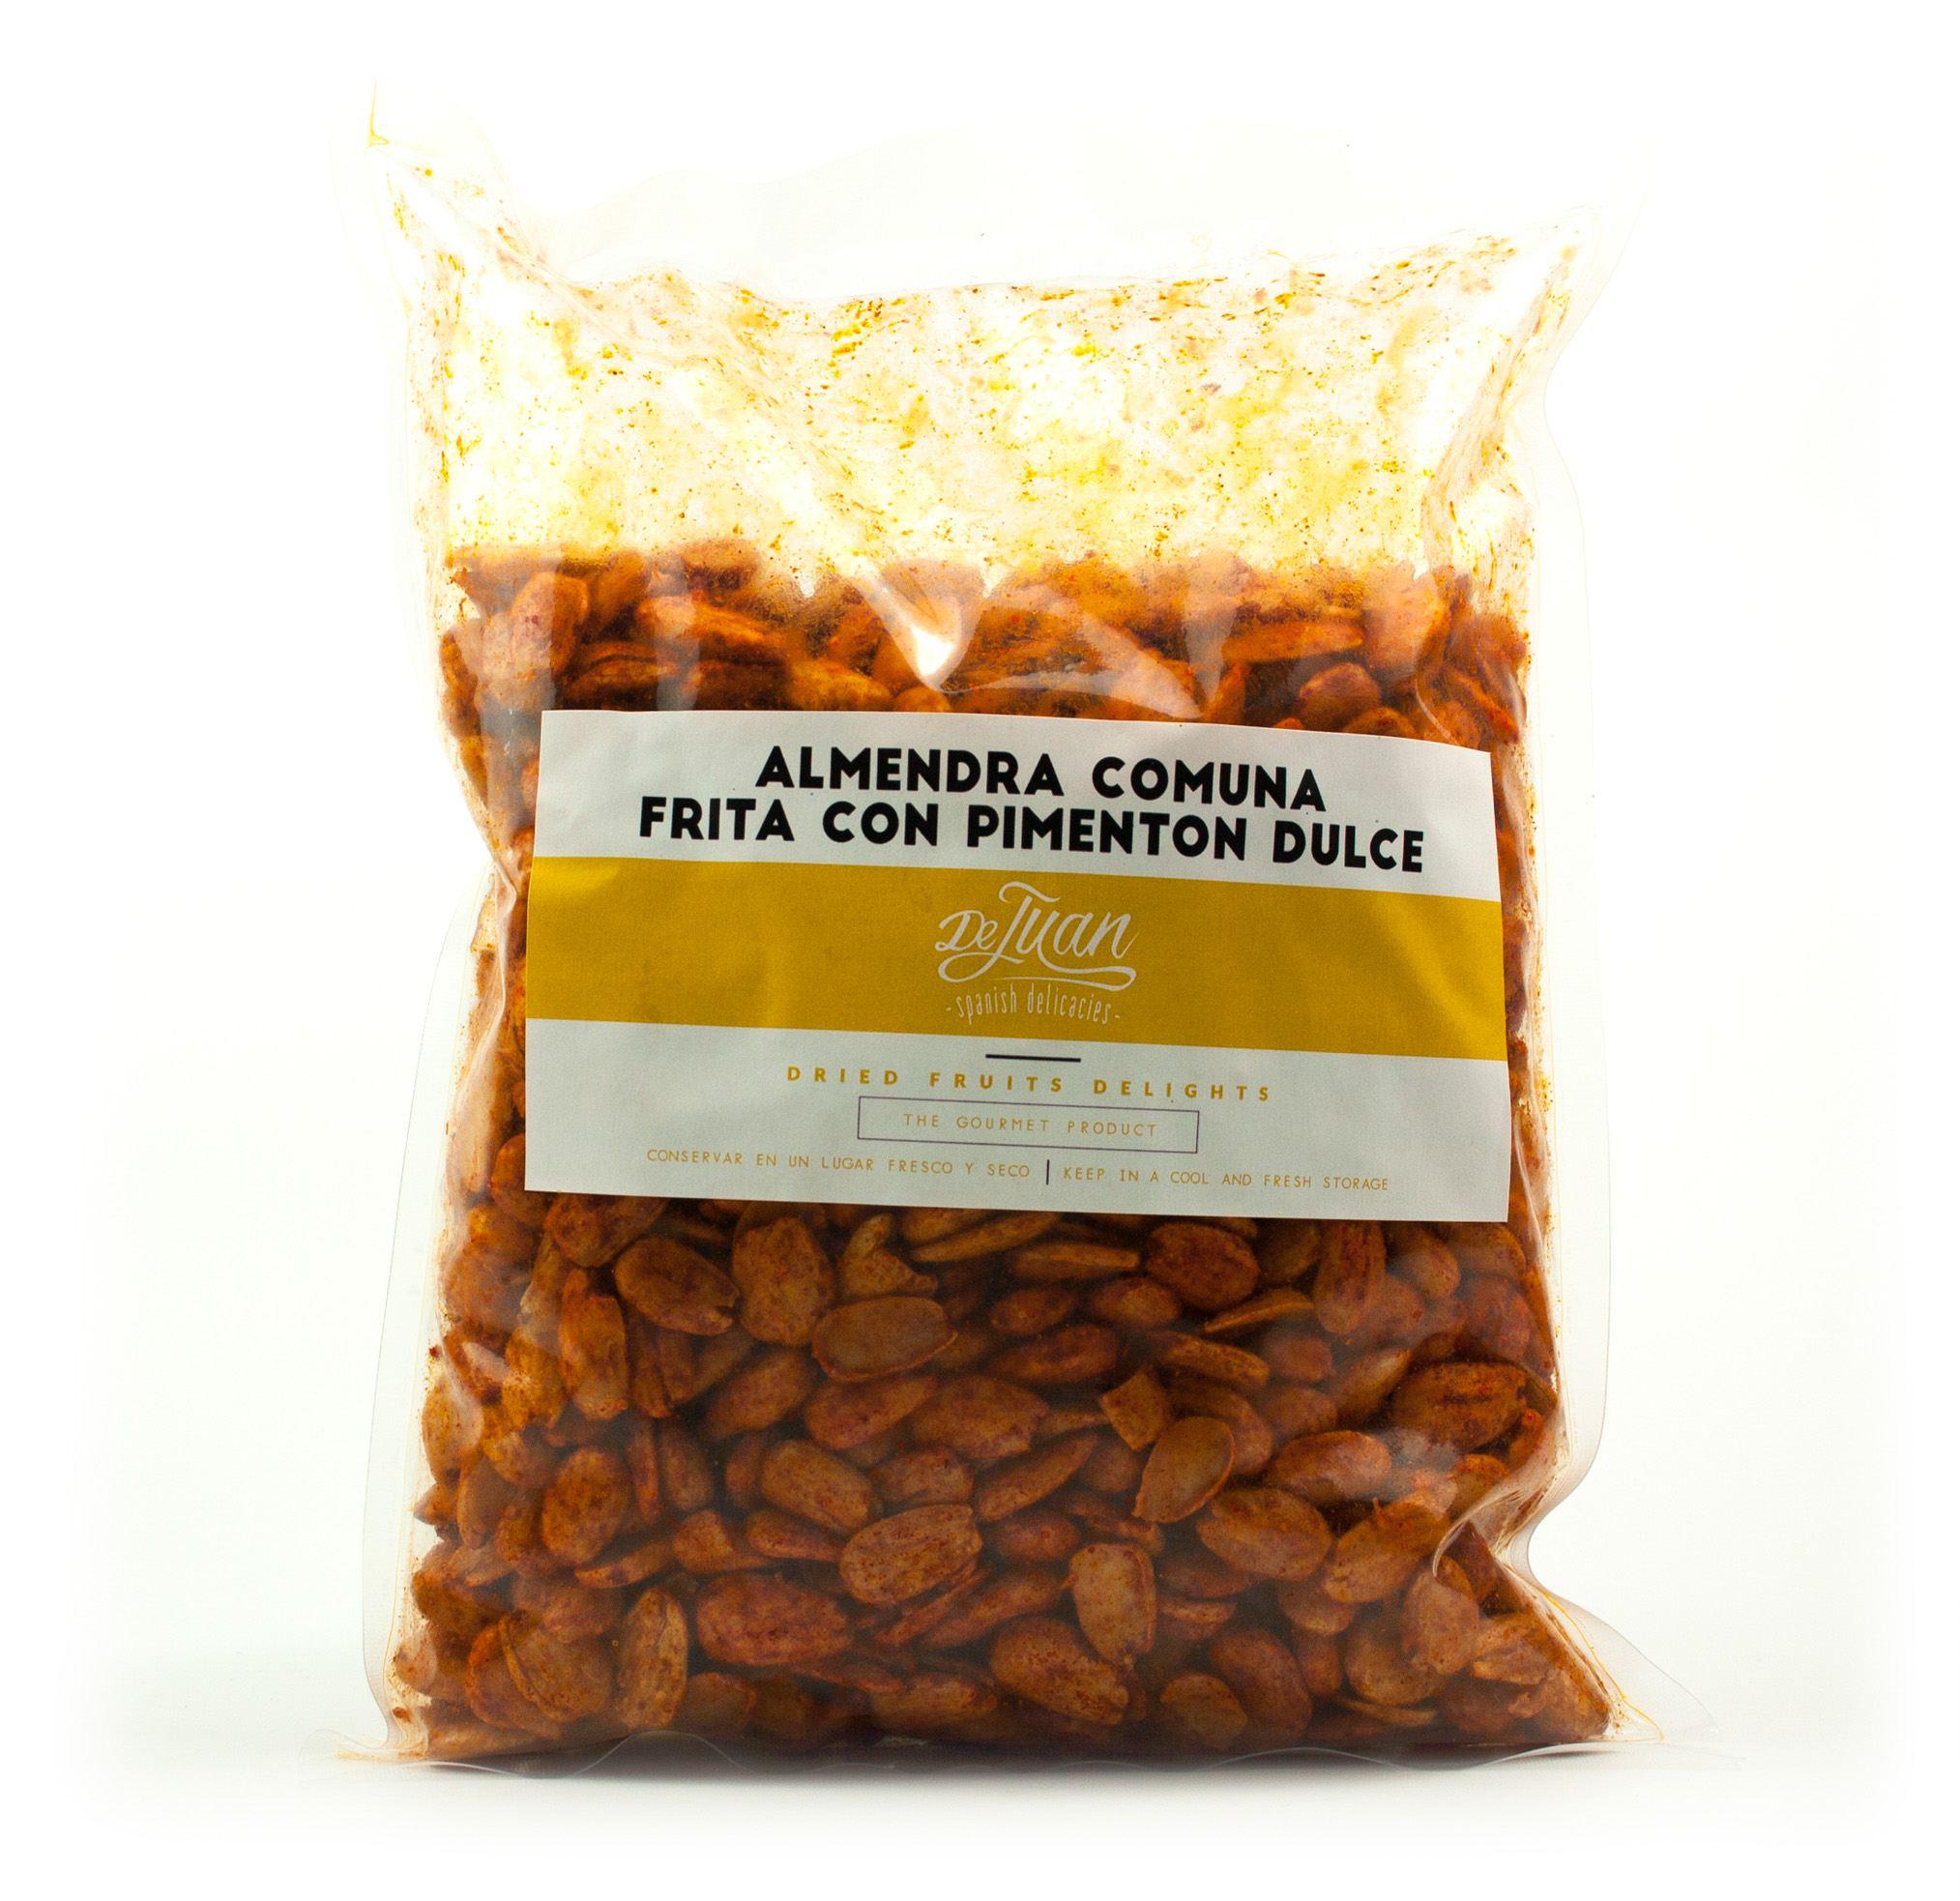 Saco de Almendra Comuna Frita con Pimentón Dulce